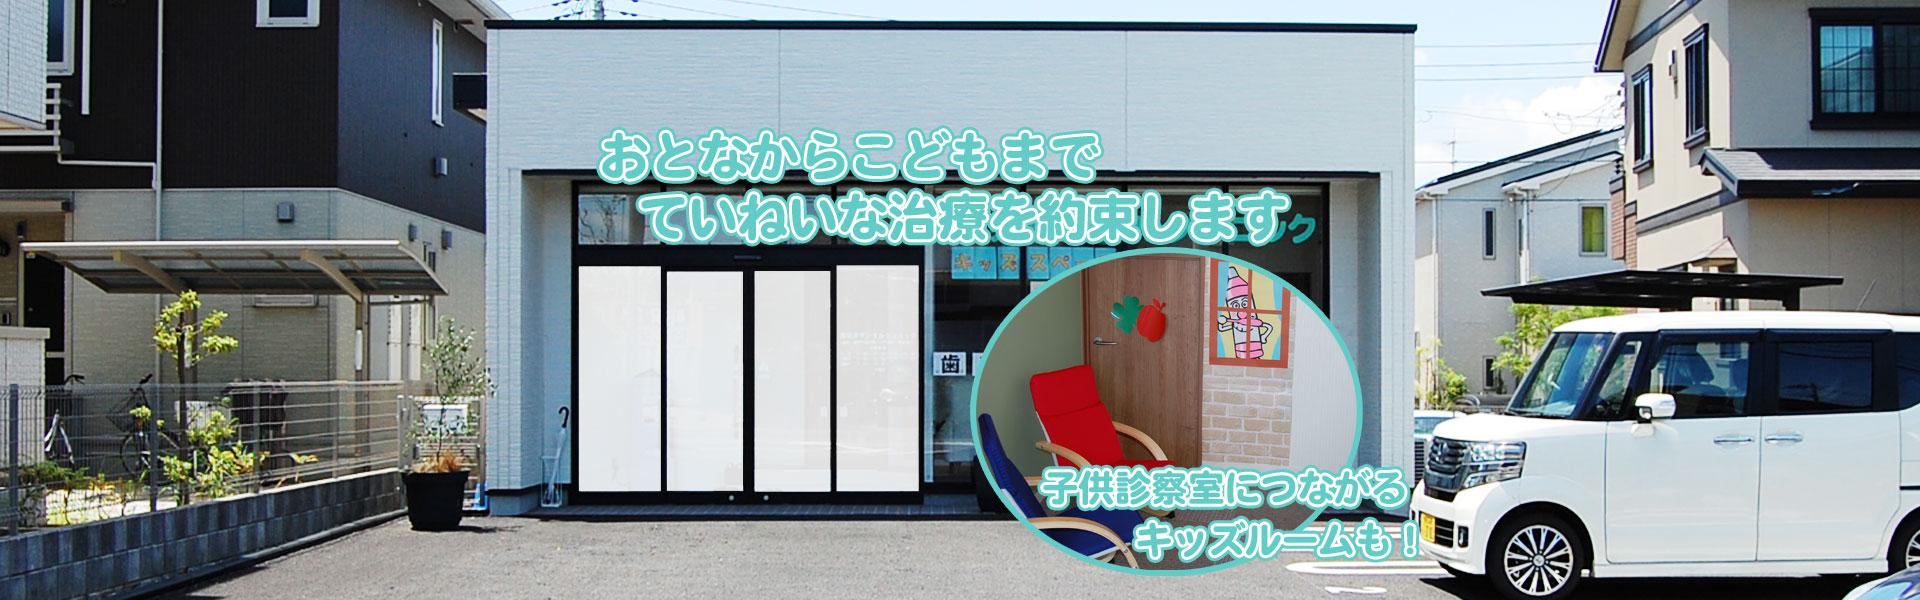 西平井デンタルクリニック